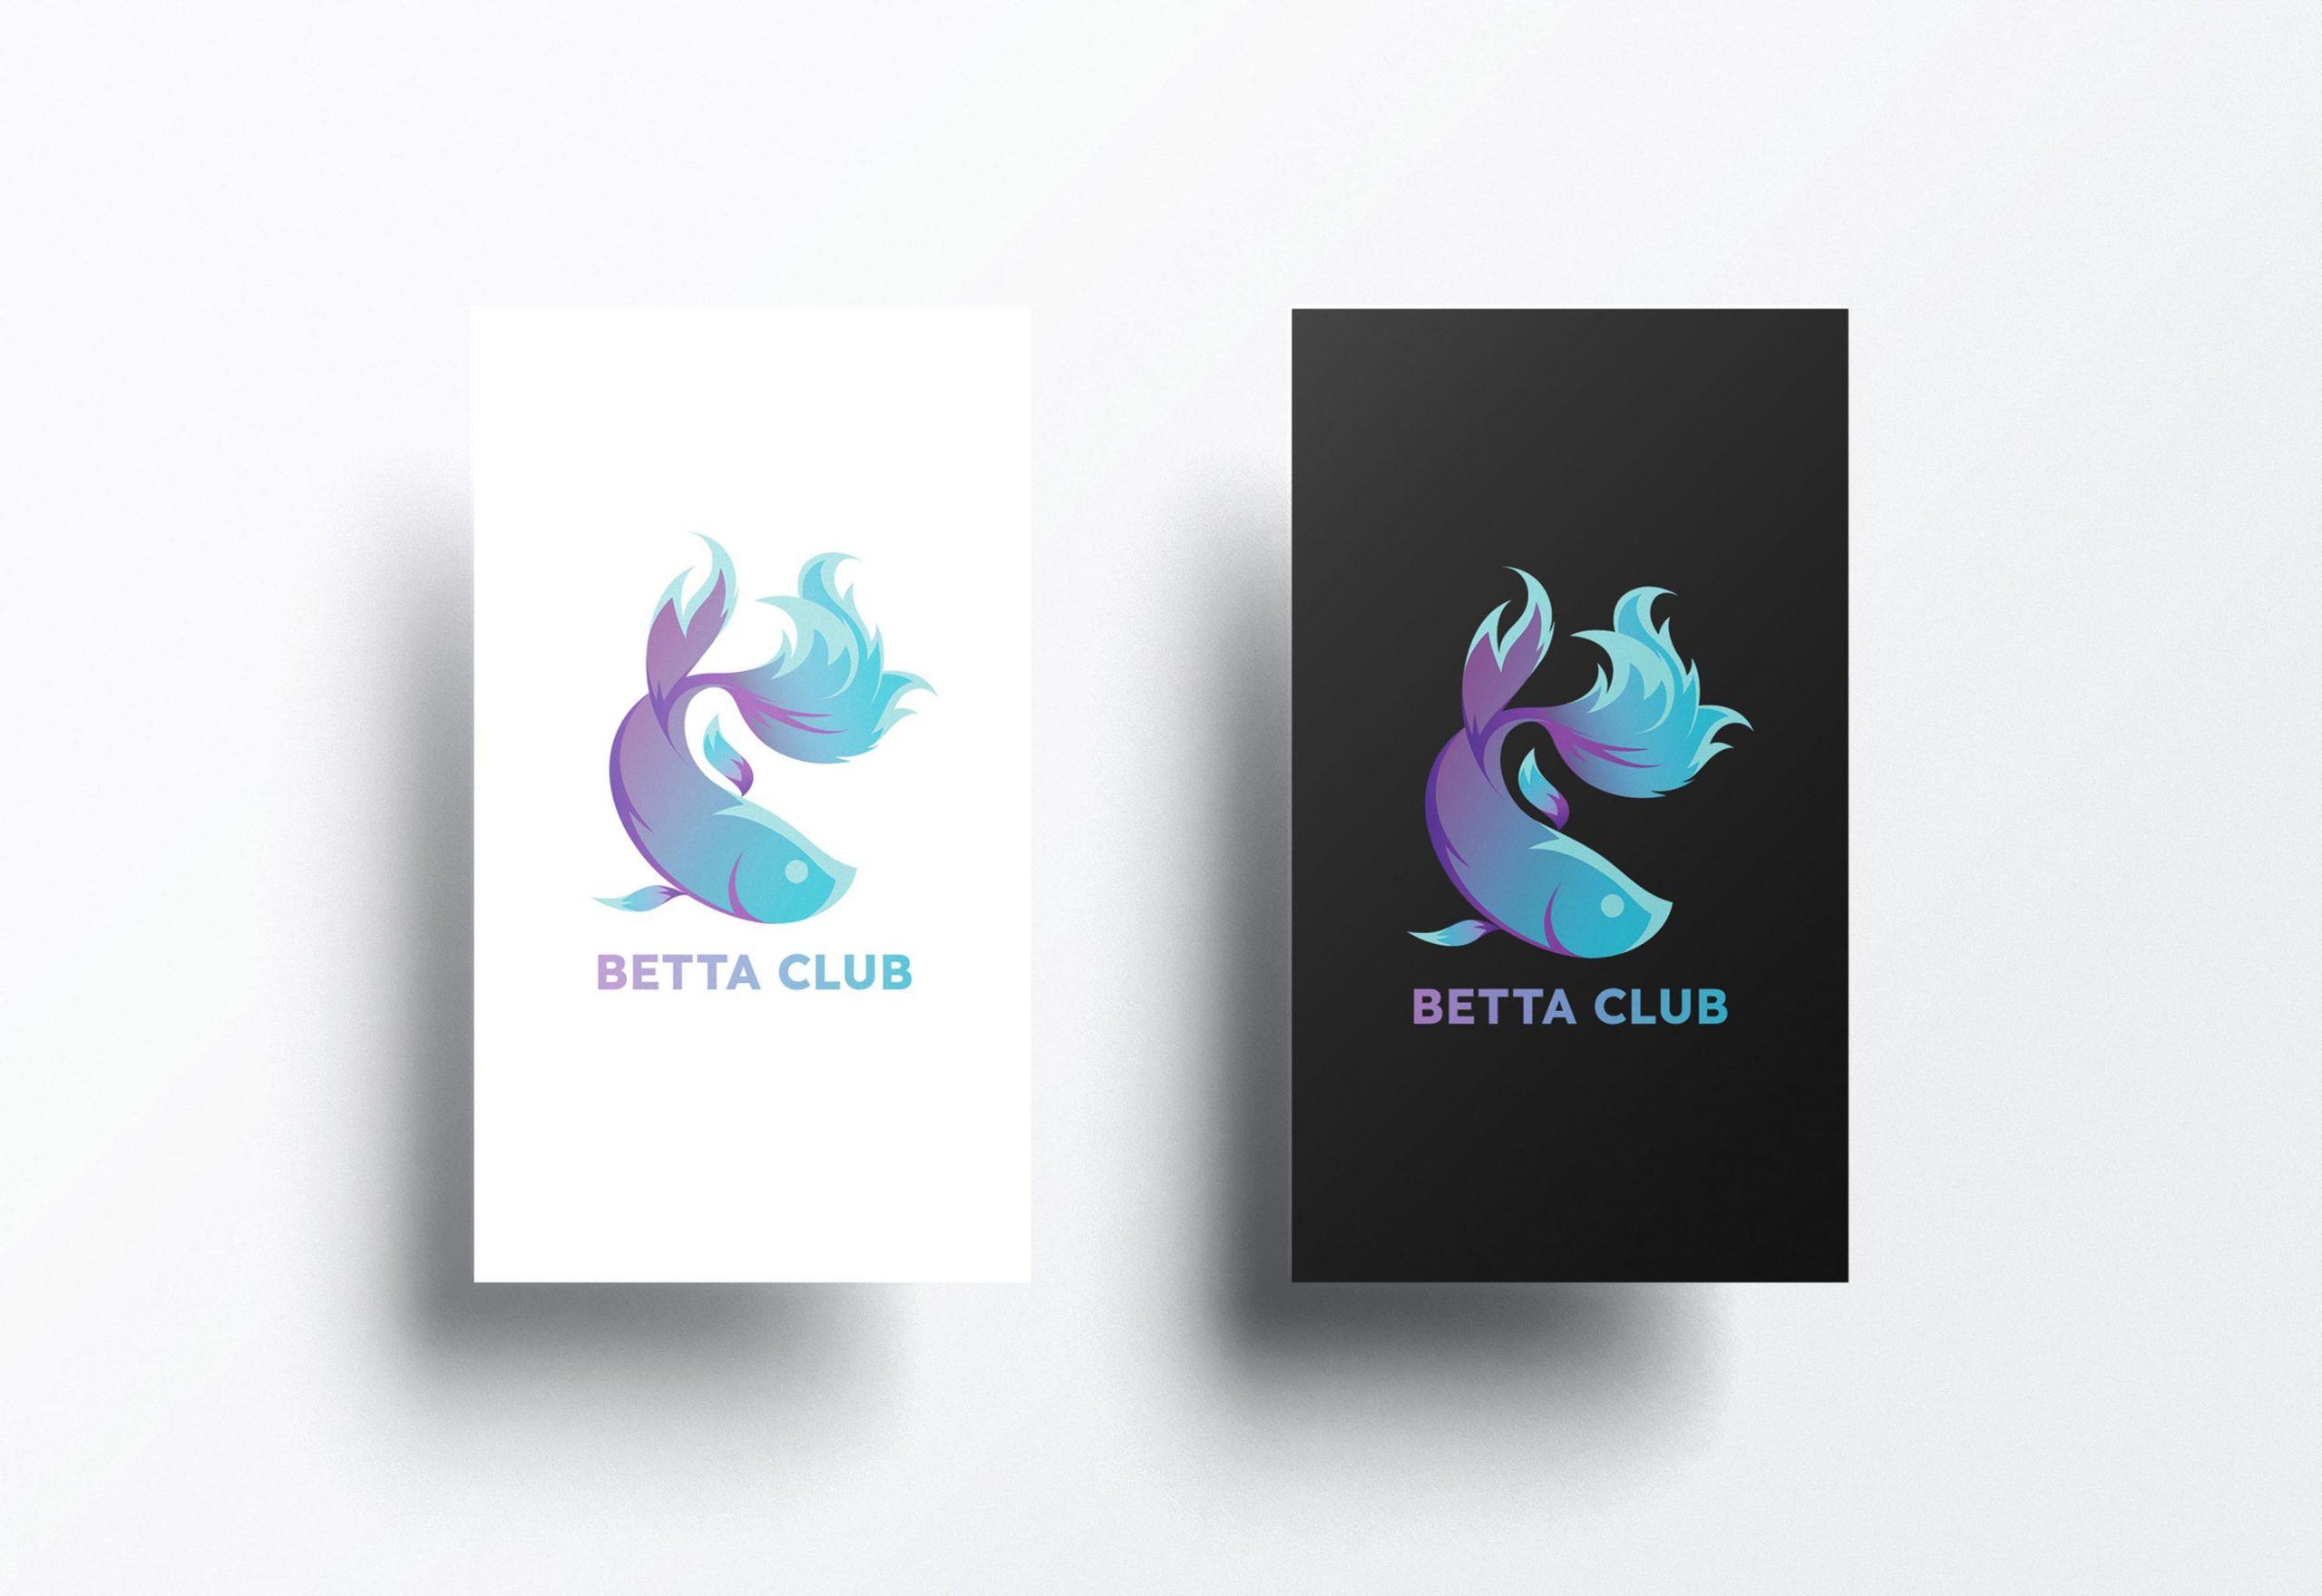 Betta Club